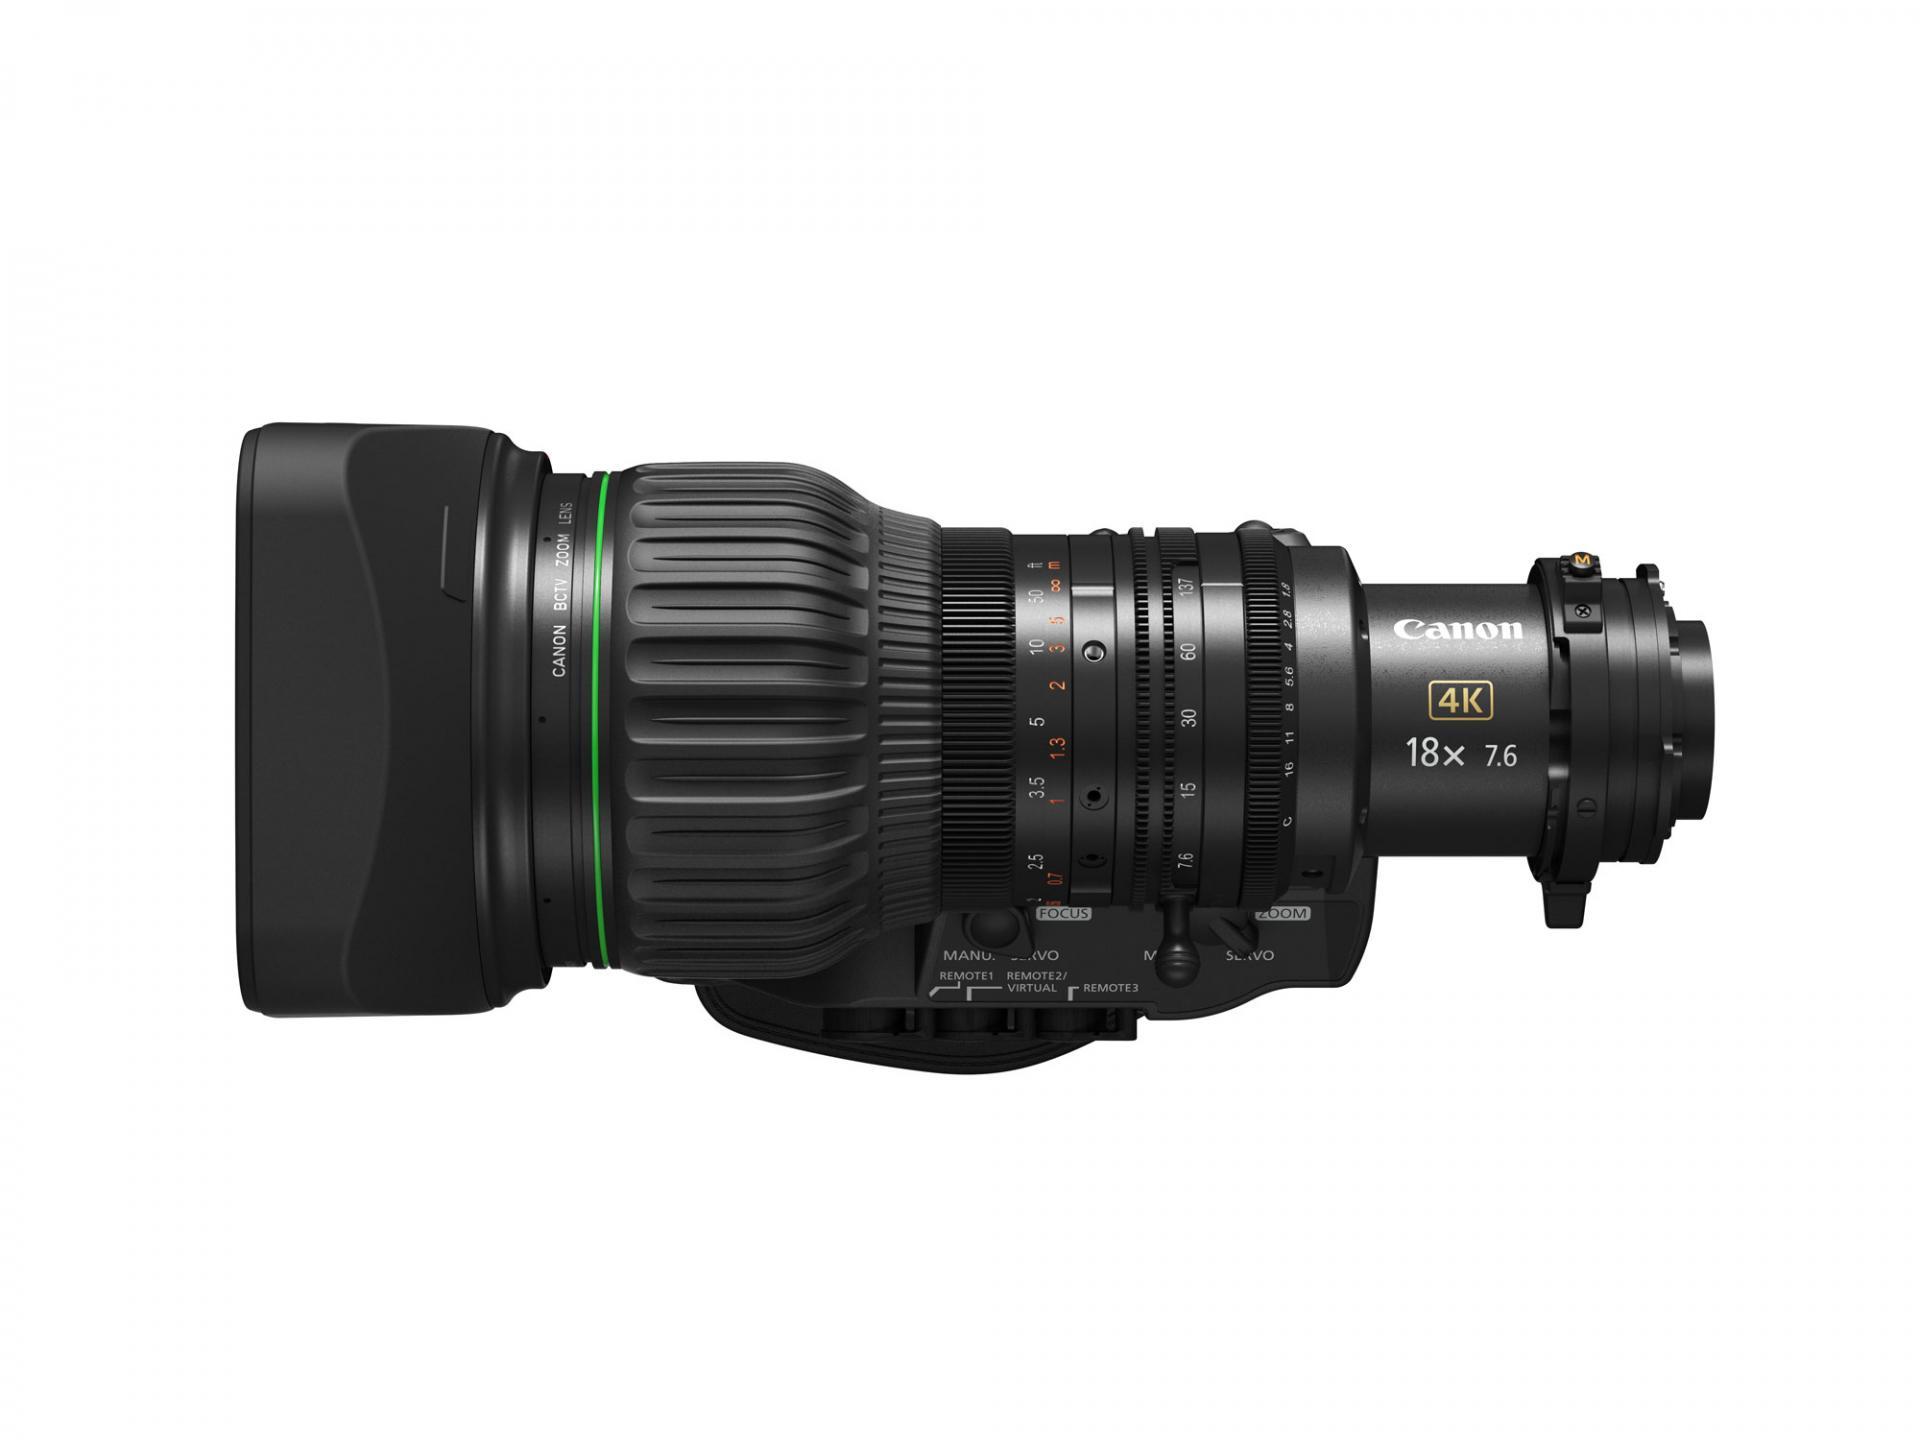 Новый компактный объектив CJ18ex7.6B KASE отCanon для съемки в4К-разрешении